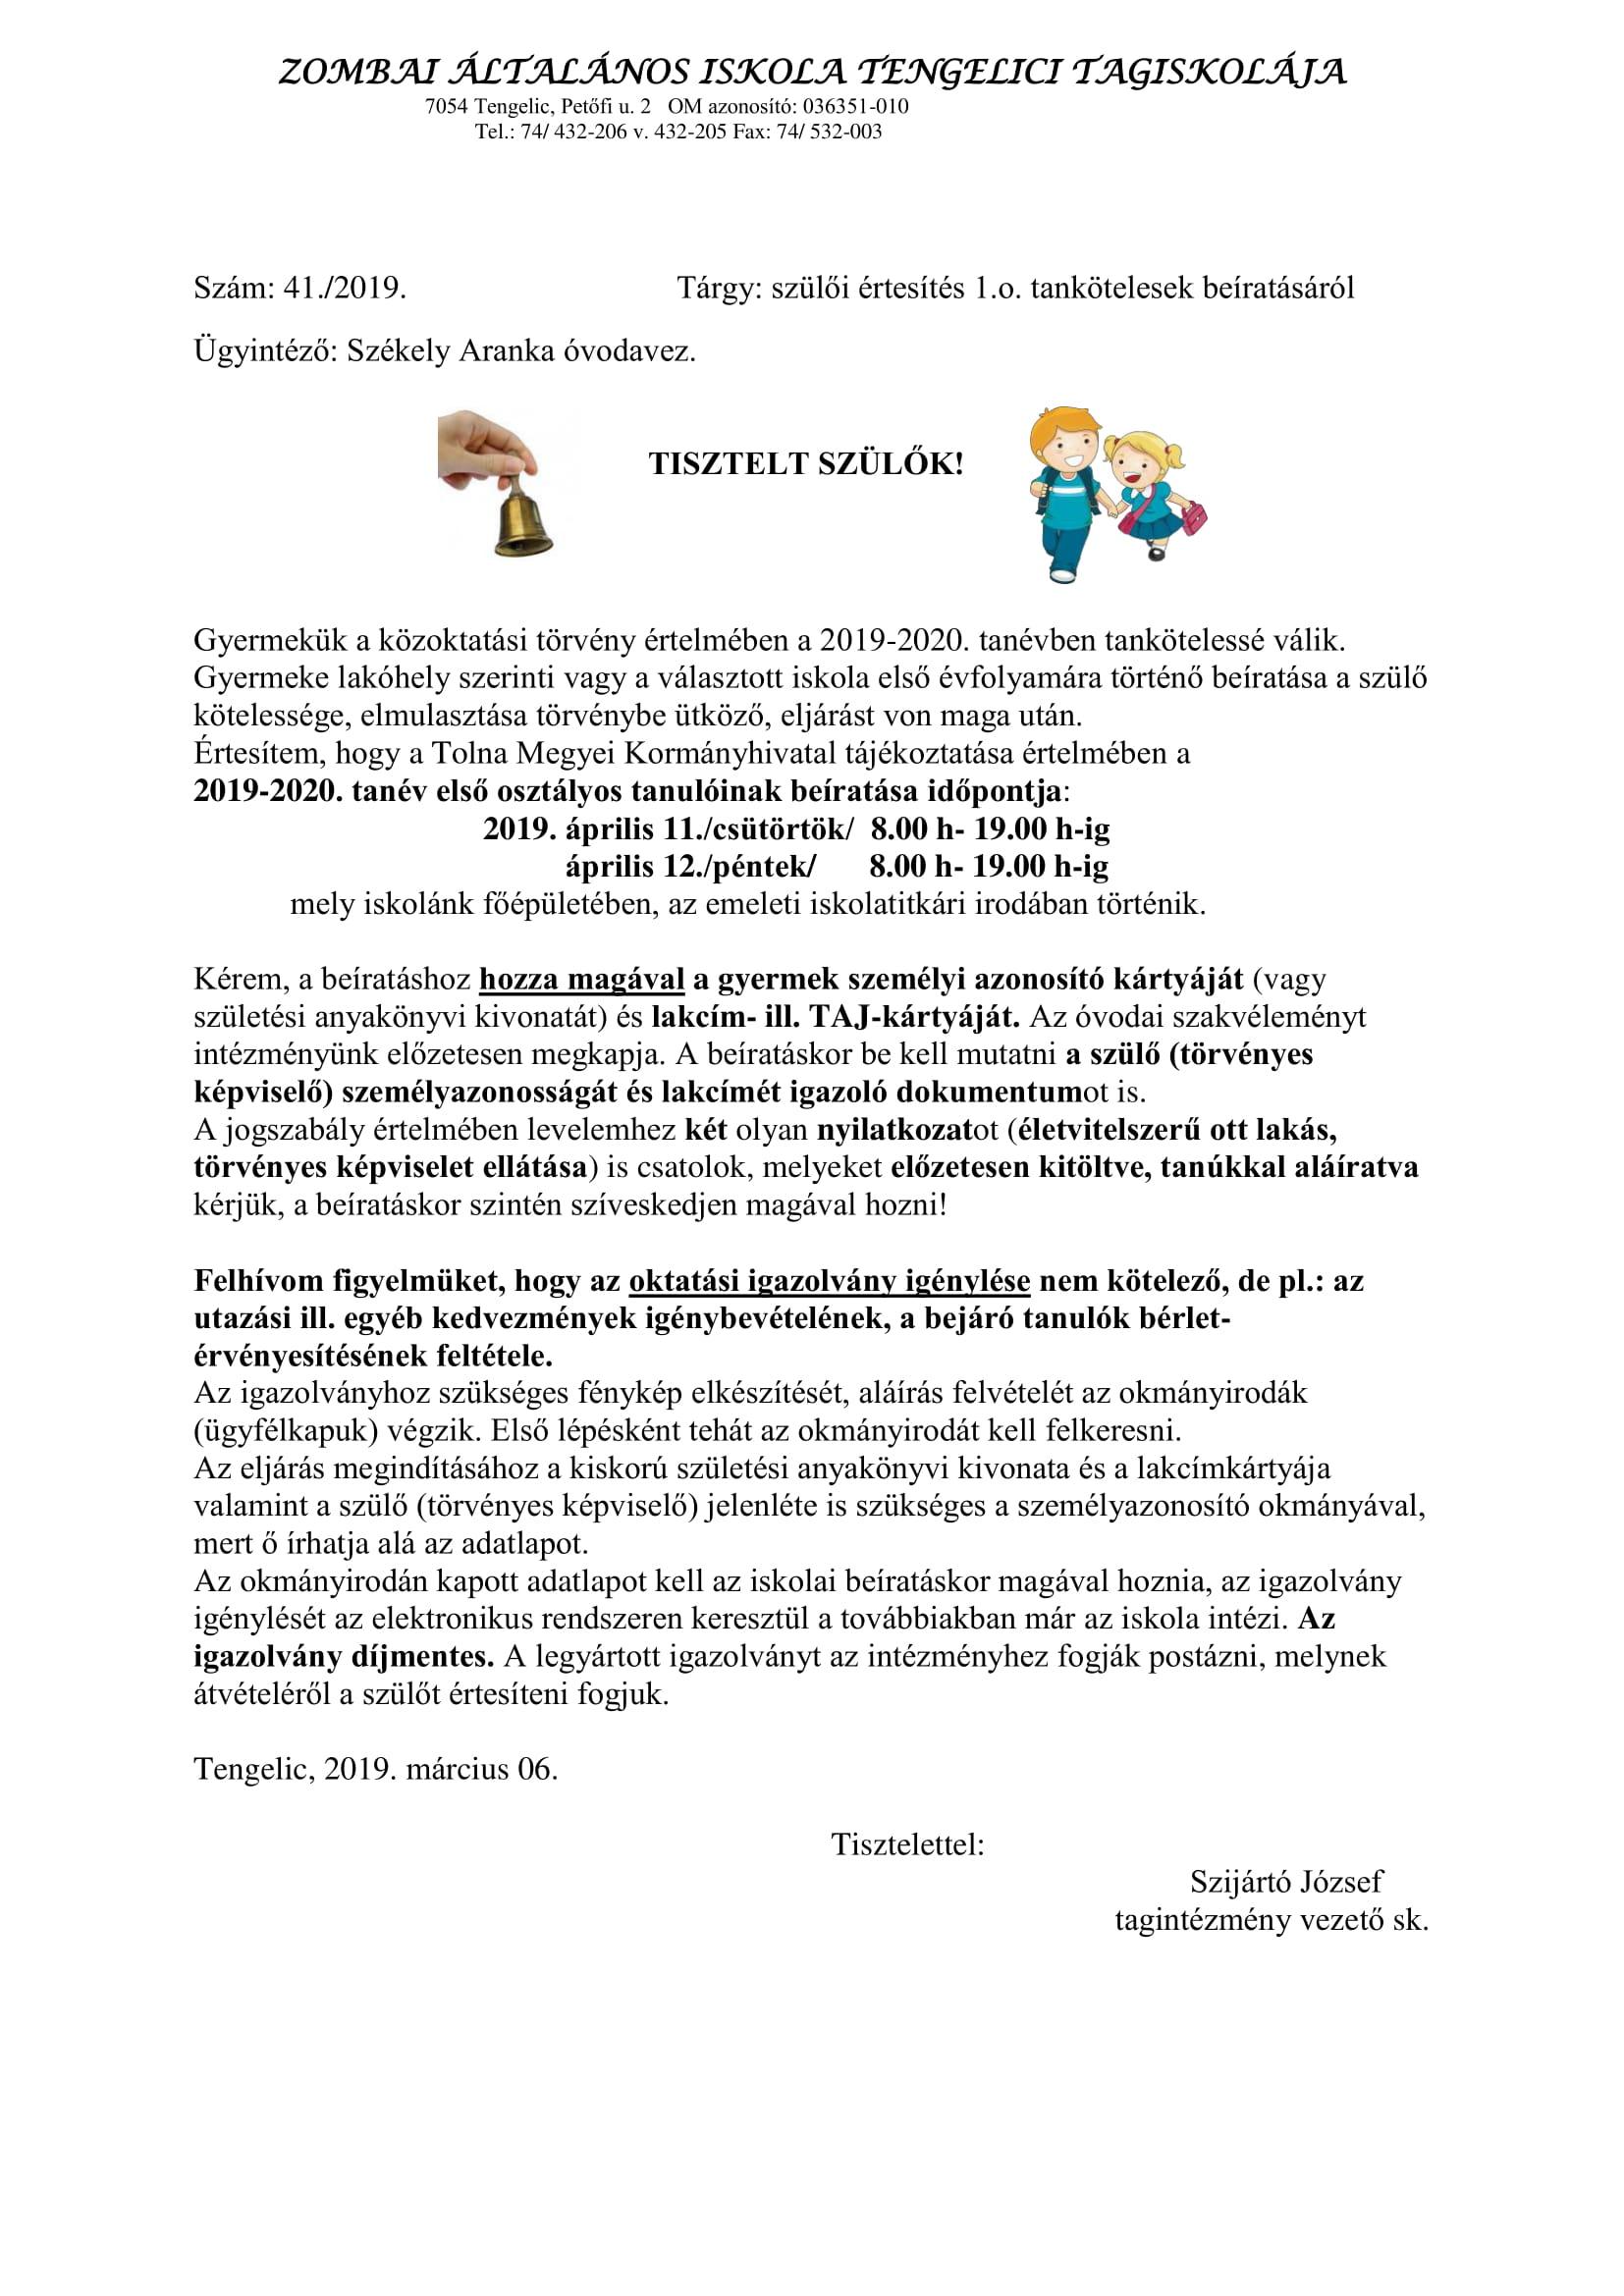 Hirdetmeny-a-2019.evi-1.osztalyos-beiratkozasrol-3